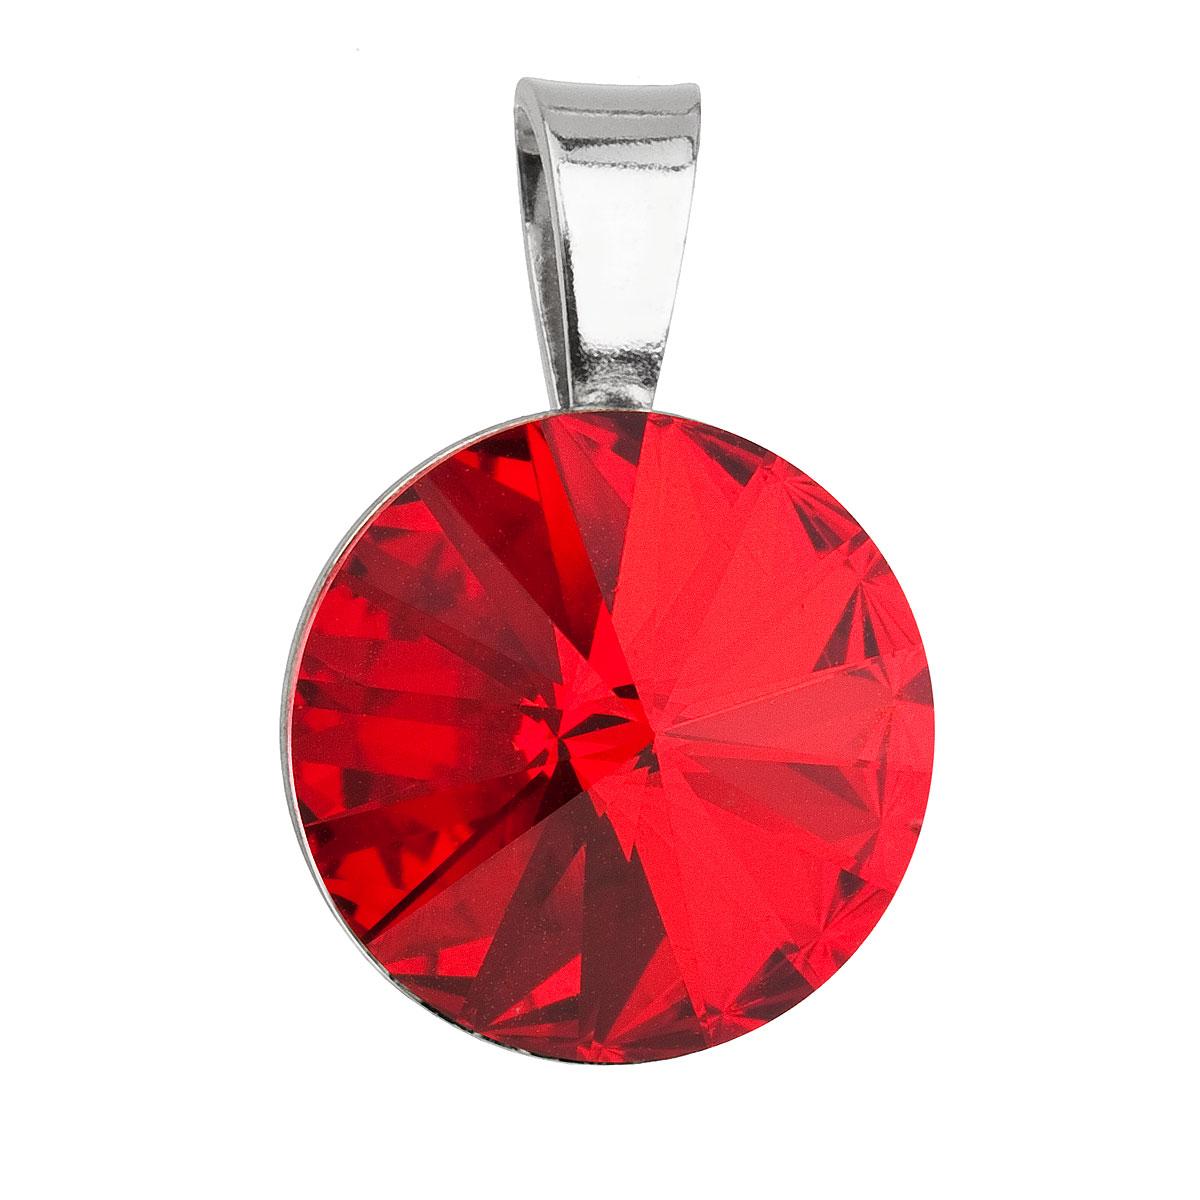 Stříbrný přívěsek s krystaly Swarovski červený kulatý-rivoli 34112.3